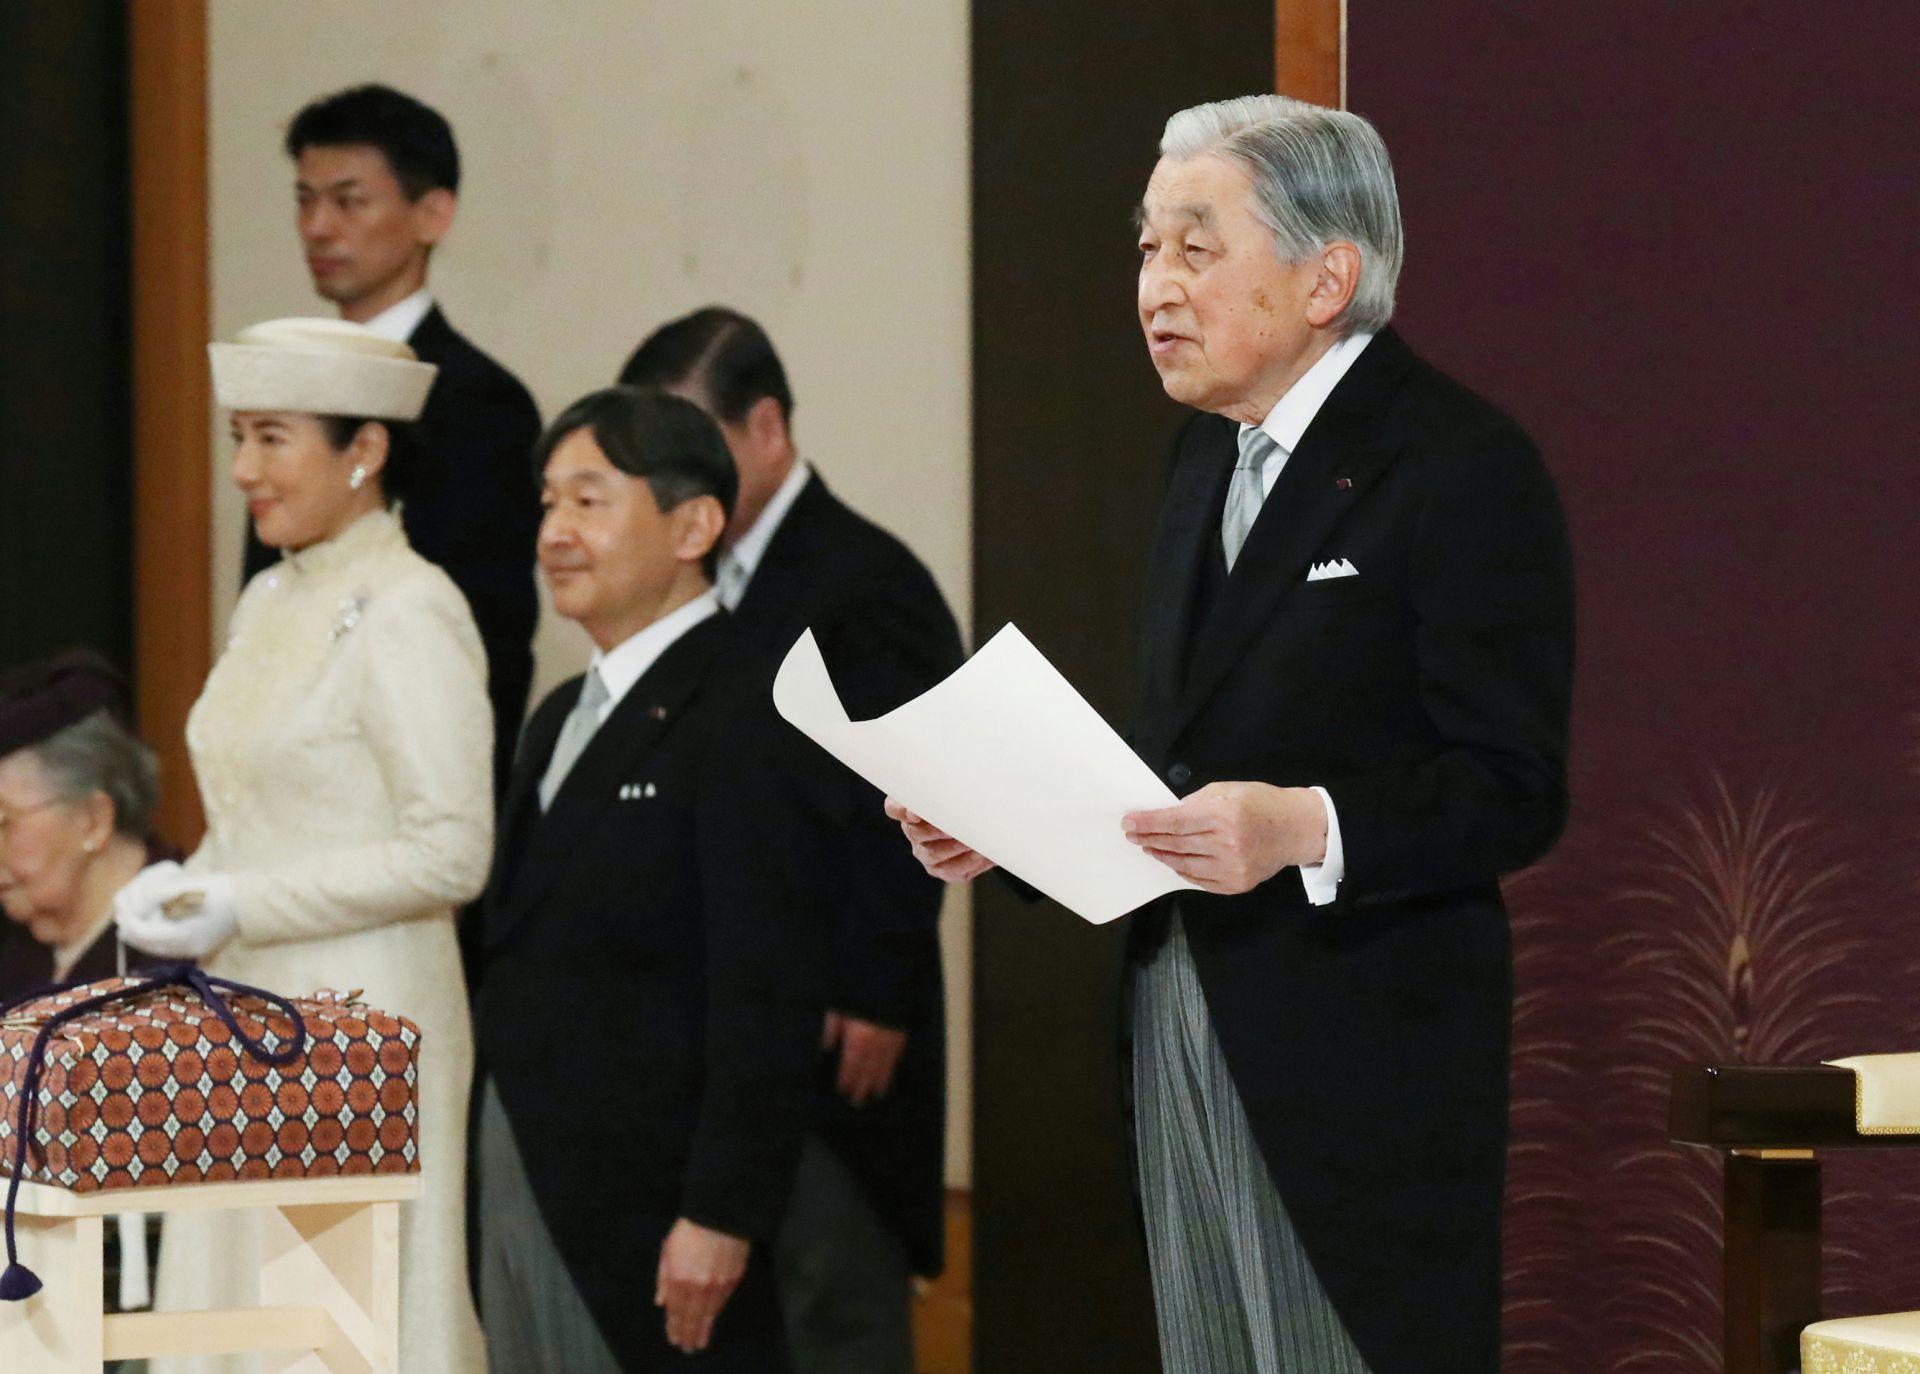 Японският император Акихито говори по време на церемонията по абдикацията си пред други членове на кралските семейства и висши държавни служители в Имперския дворец в Токио